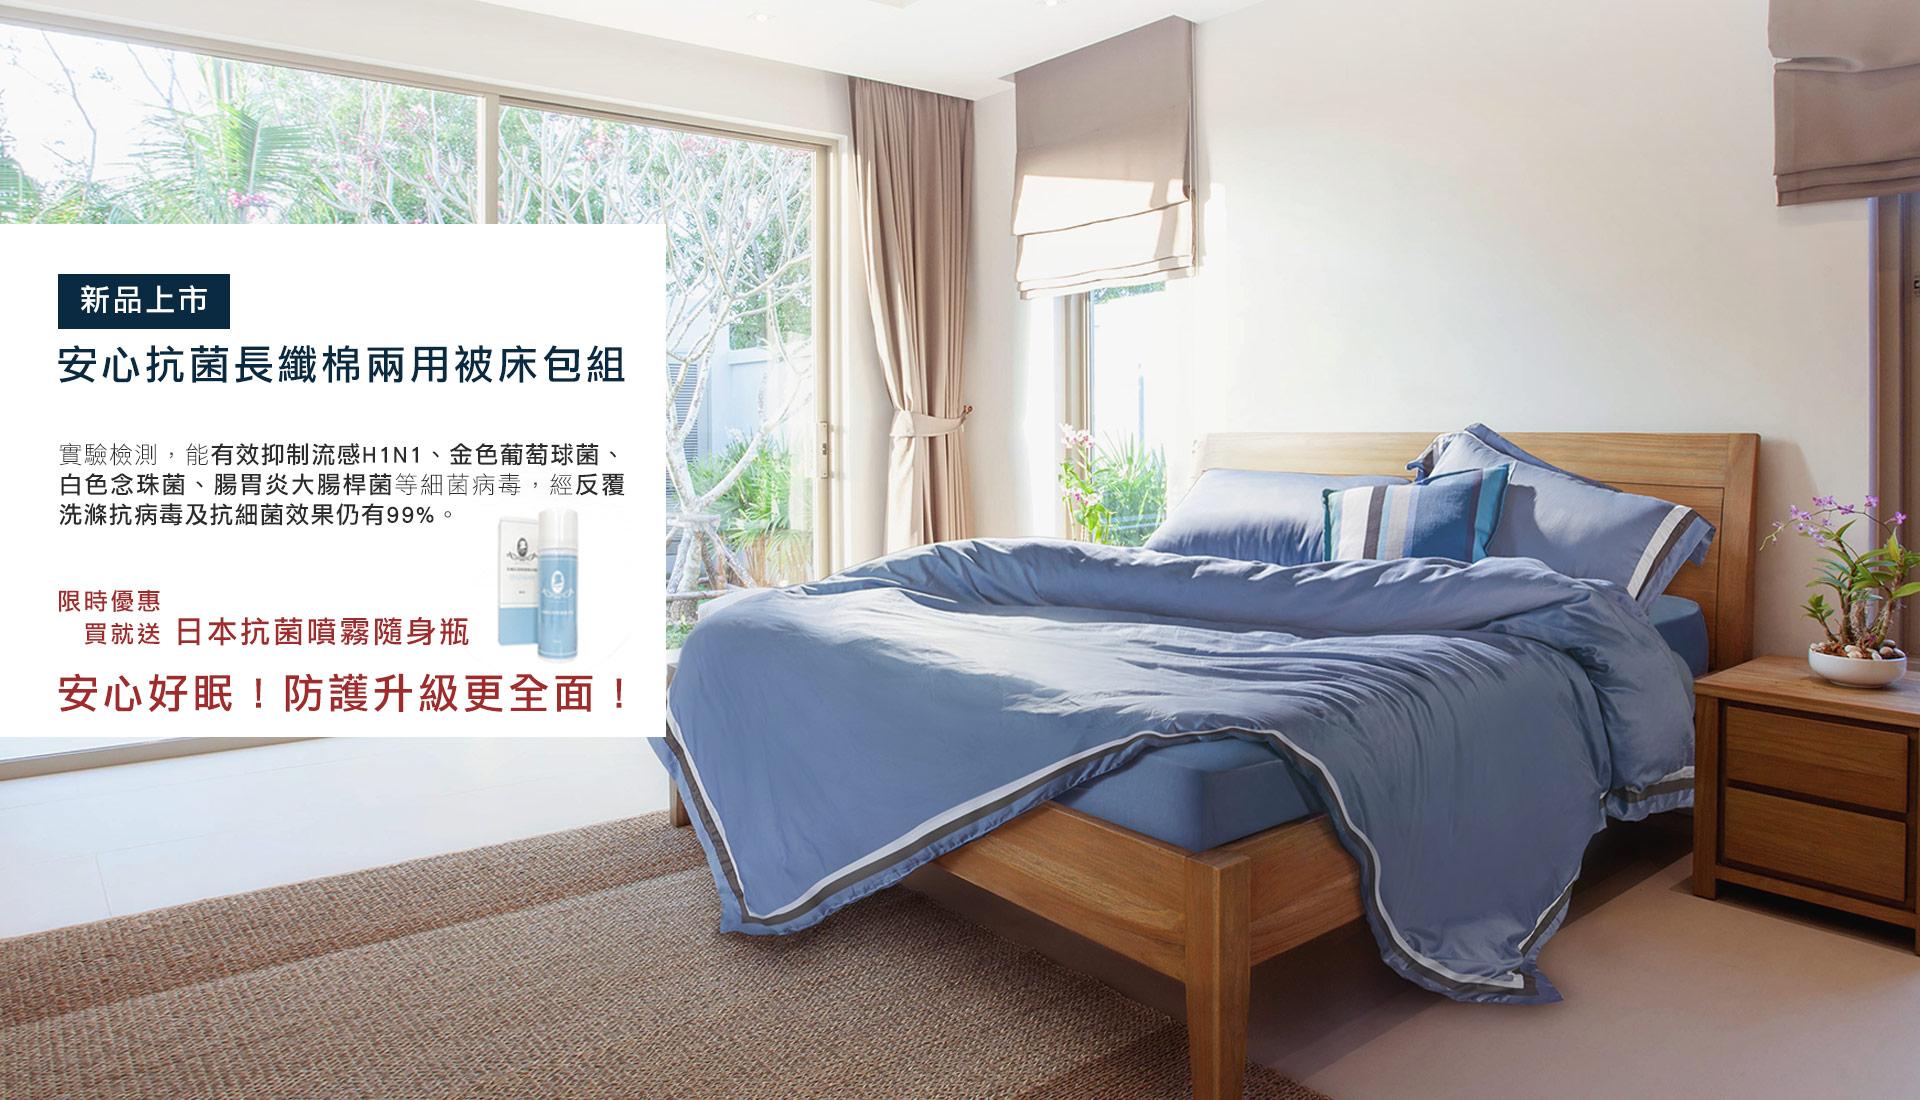 居家防疫更升級|安心抗菌寢具守護您的每個夜晚,有效抗細菌病毒,買就送日本防蟎抗菌噴霧,有效降低病毒感染率,一瓶多用!